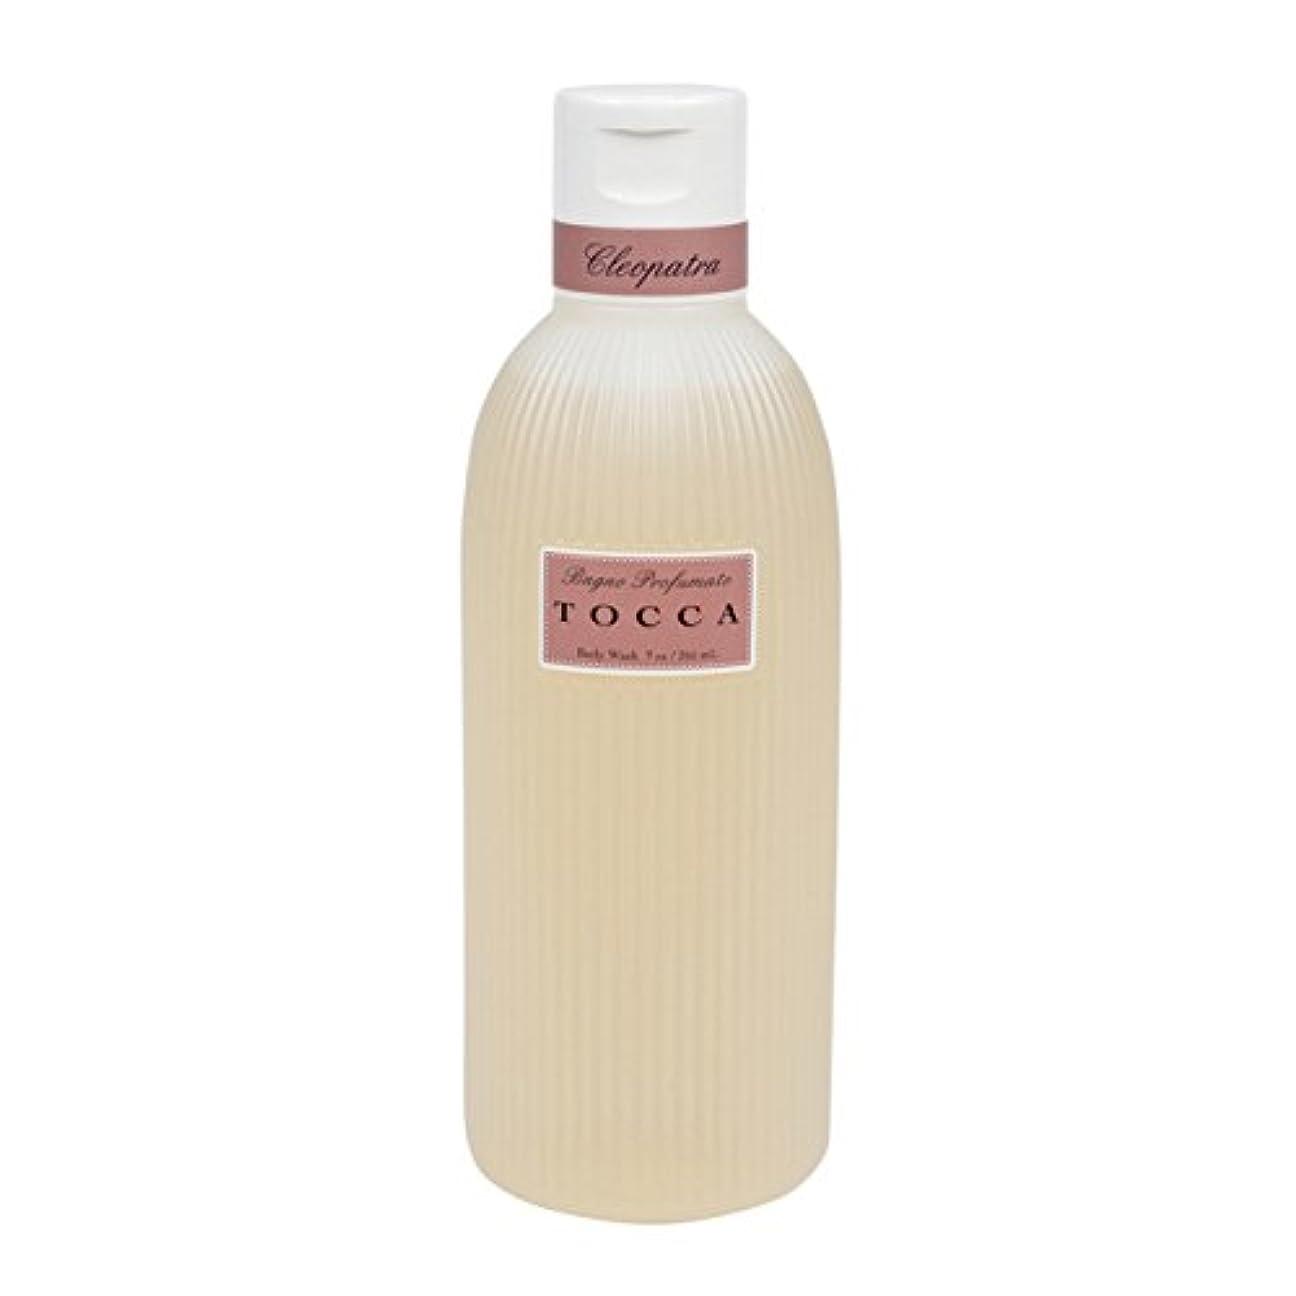 したい形容詞アクショントッカ(TOCCA) ボディーケアウォッシュ クレオパトラの香り 266ml(全身用洗浄料 ボディーソープ グレープフルーツとキューカンバーのフレッシュでクリーンな香り)